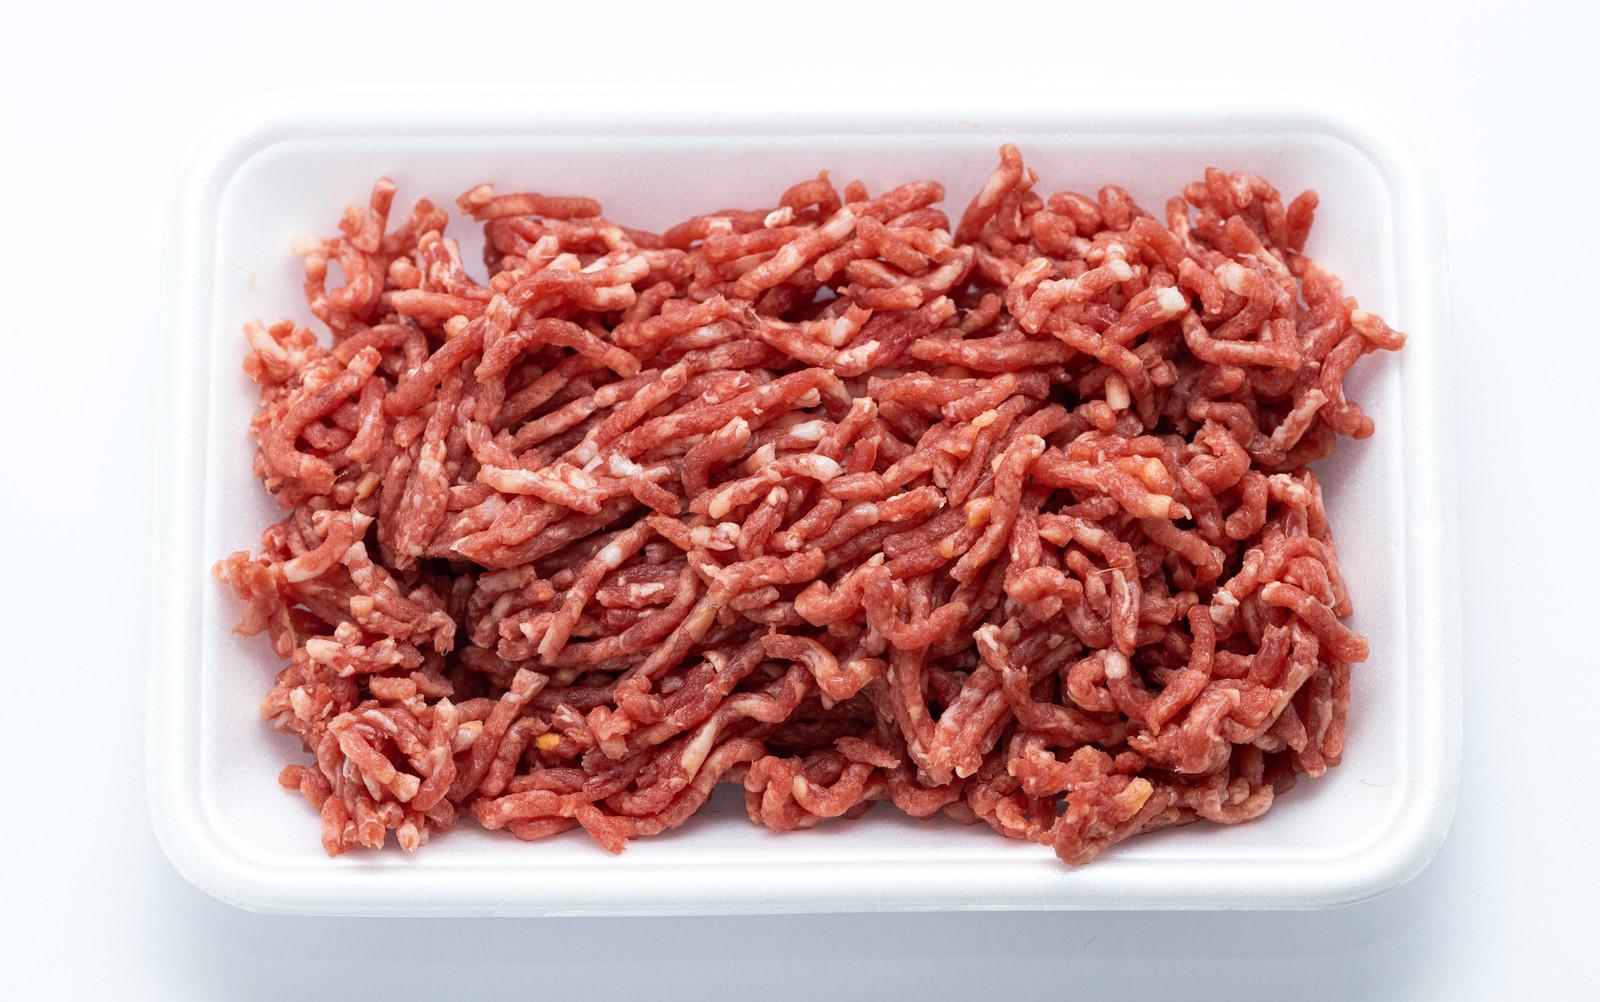 「ミンチ肉(牛・豚)」の写真